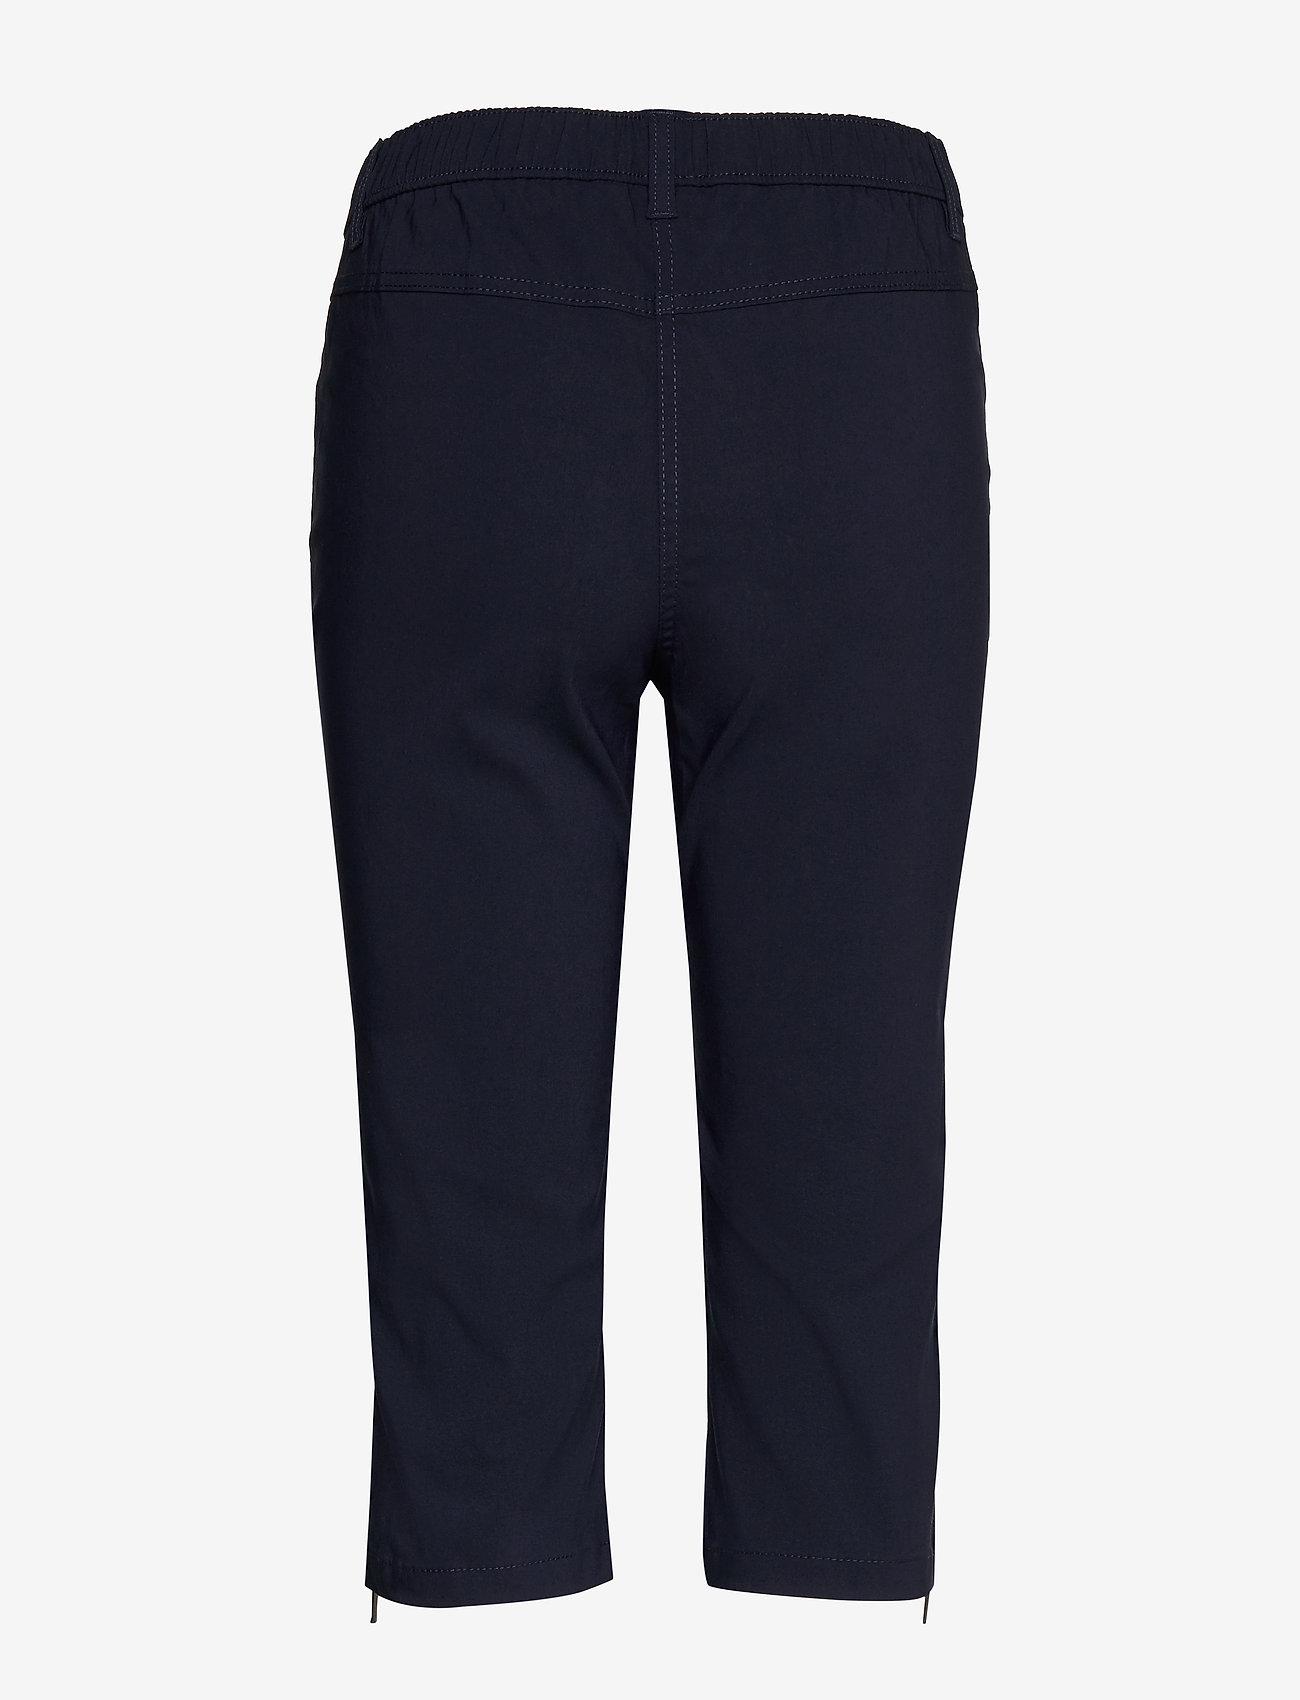 Brandtex Capri pants - Spodnie MIDNIGHT BLUE - Kobiety Odzież.